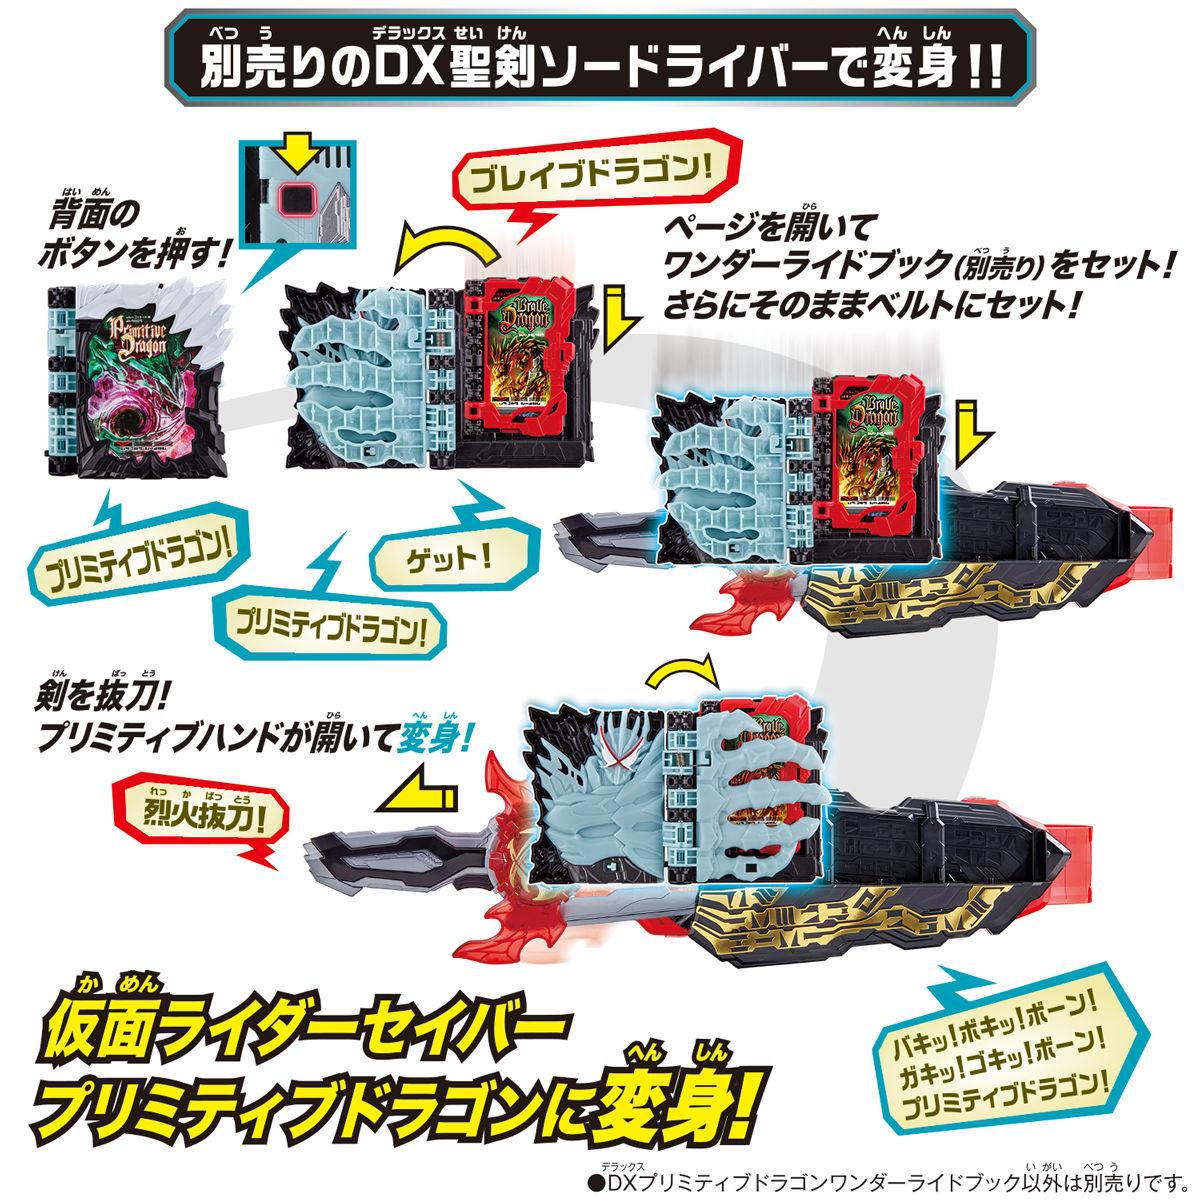 仮面ライダーセイバー『DXプリミティブドラゴンワンダーライドブック』変身なりきり-006